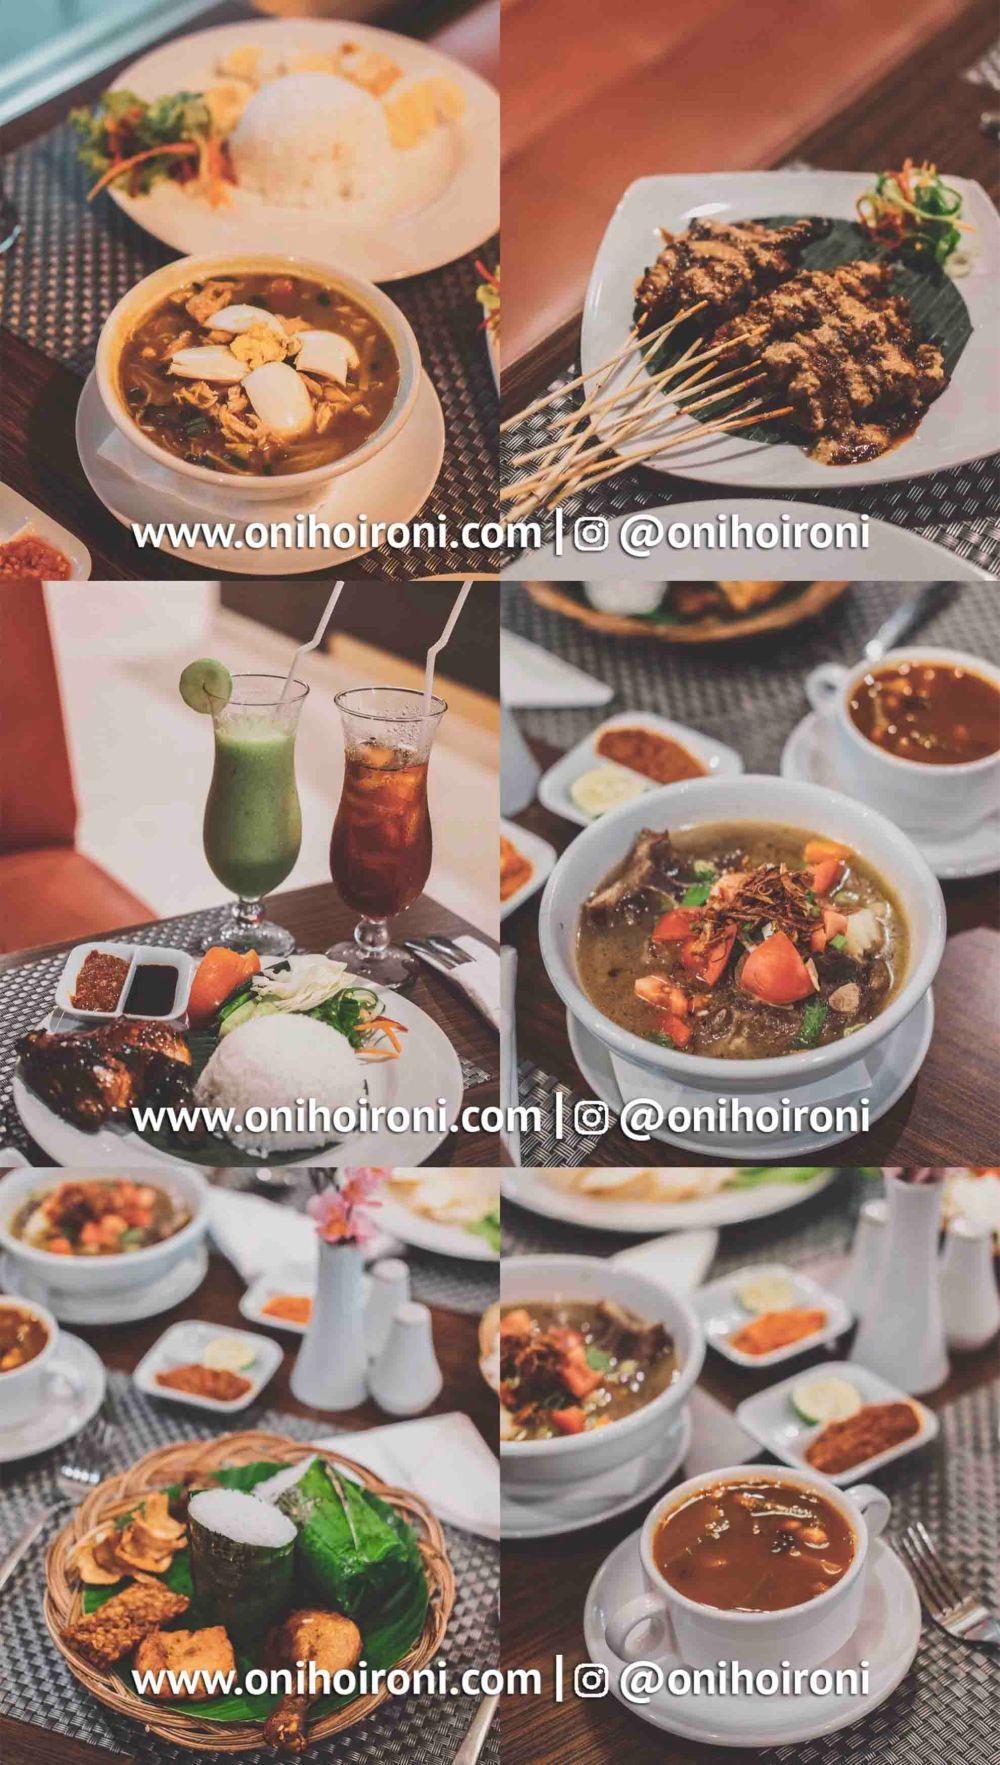 11 Food M One Hotel Sentul Bogor, Onihoironi